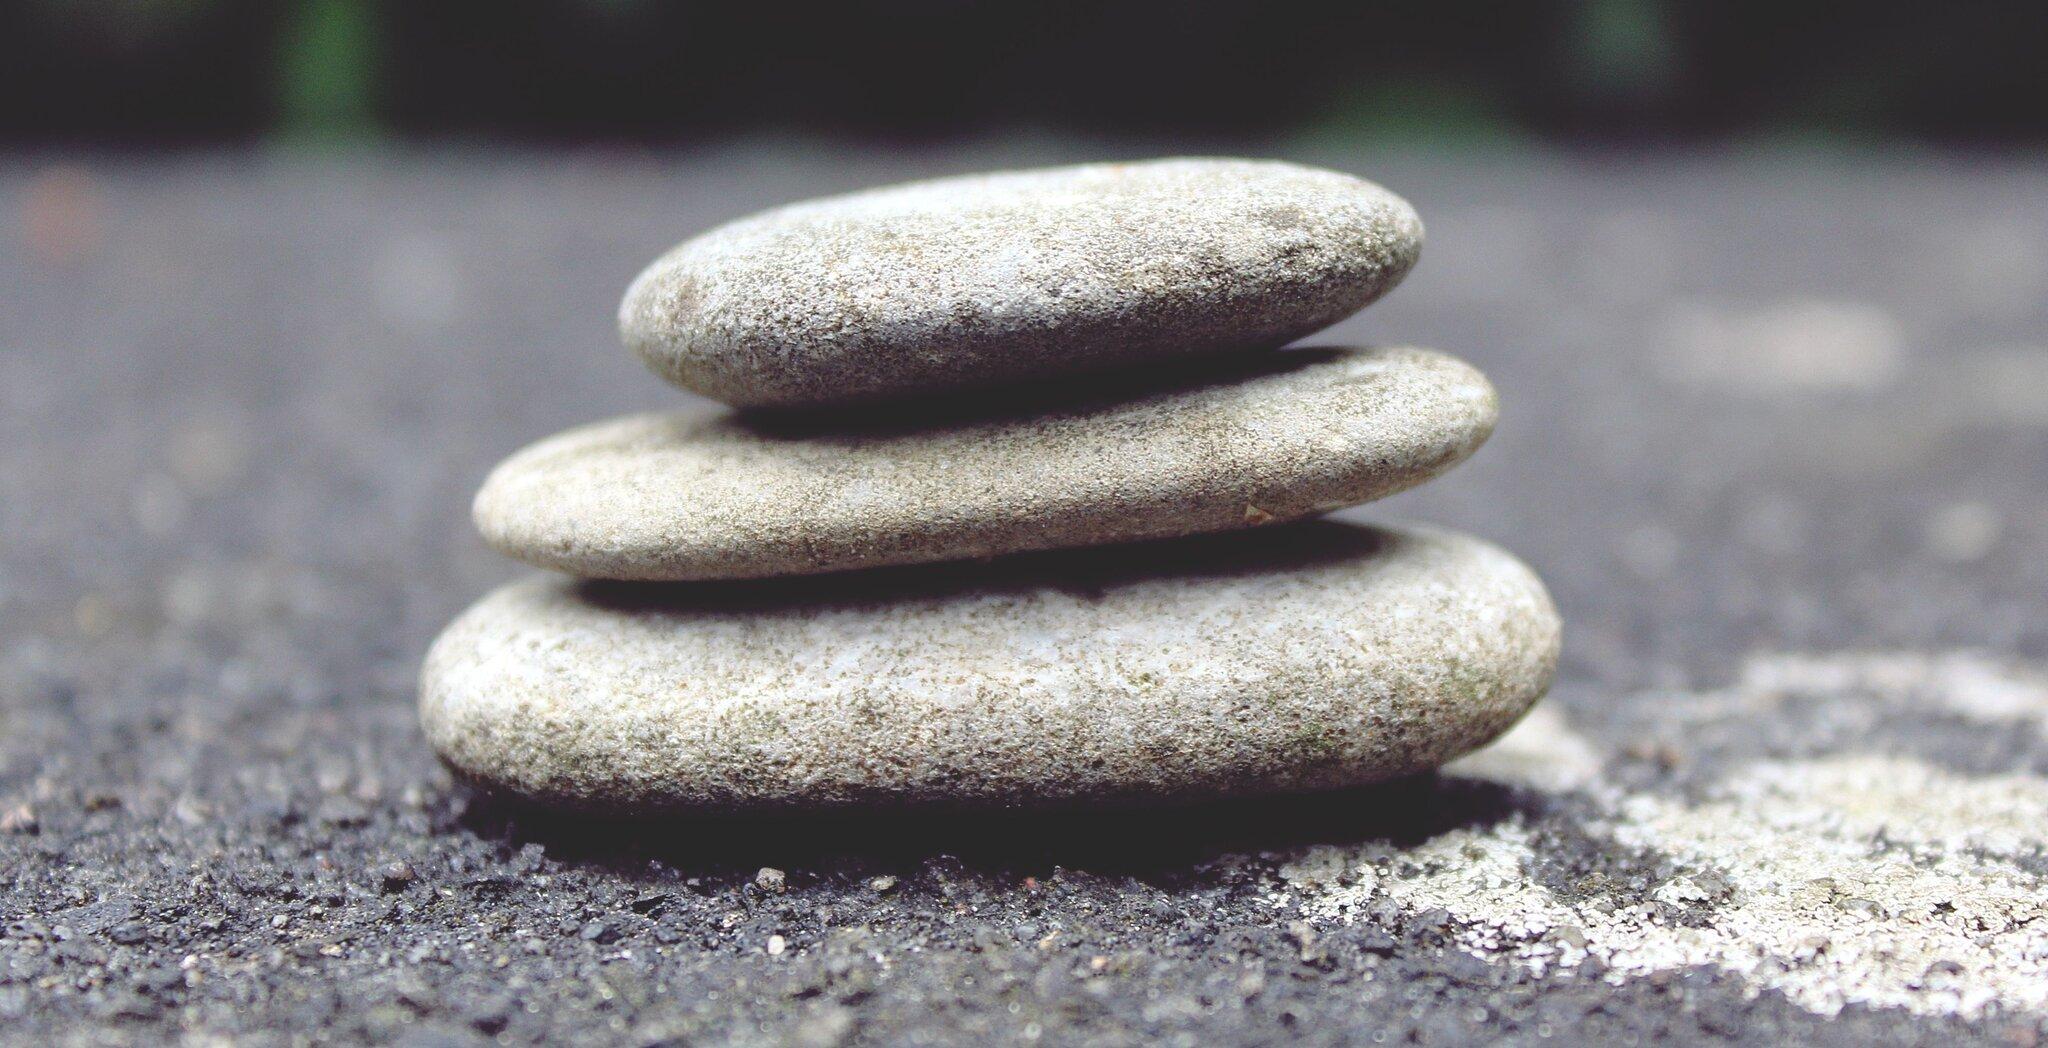 kamienie Źródło: licencja: CC 0.